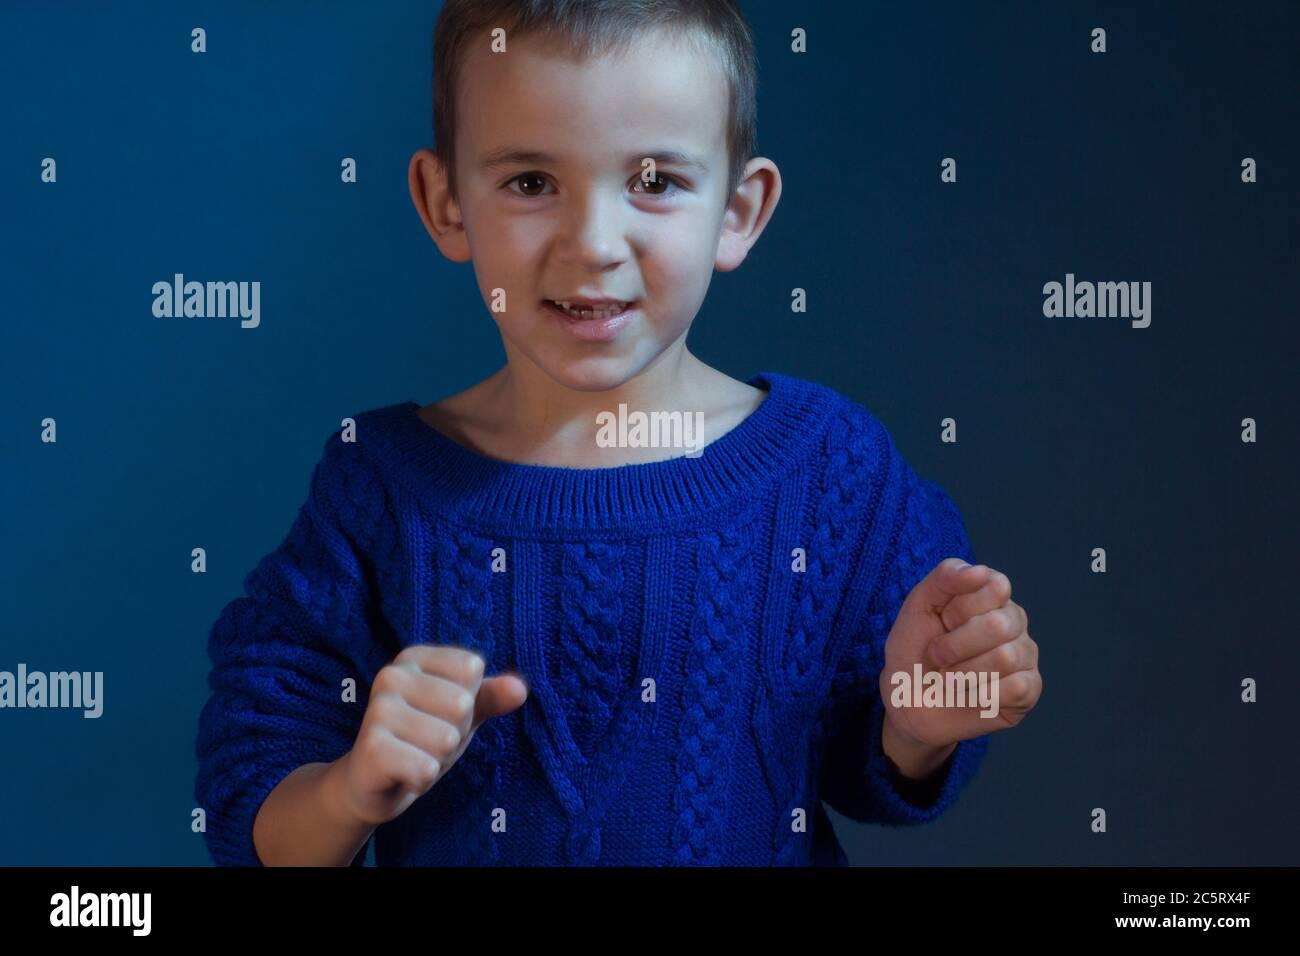 Studio-Porträt von Jungen in einem blauen klassischen Schirton auf blauem Hintergrund Stockfoto